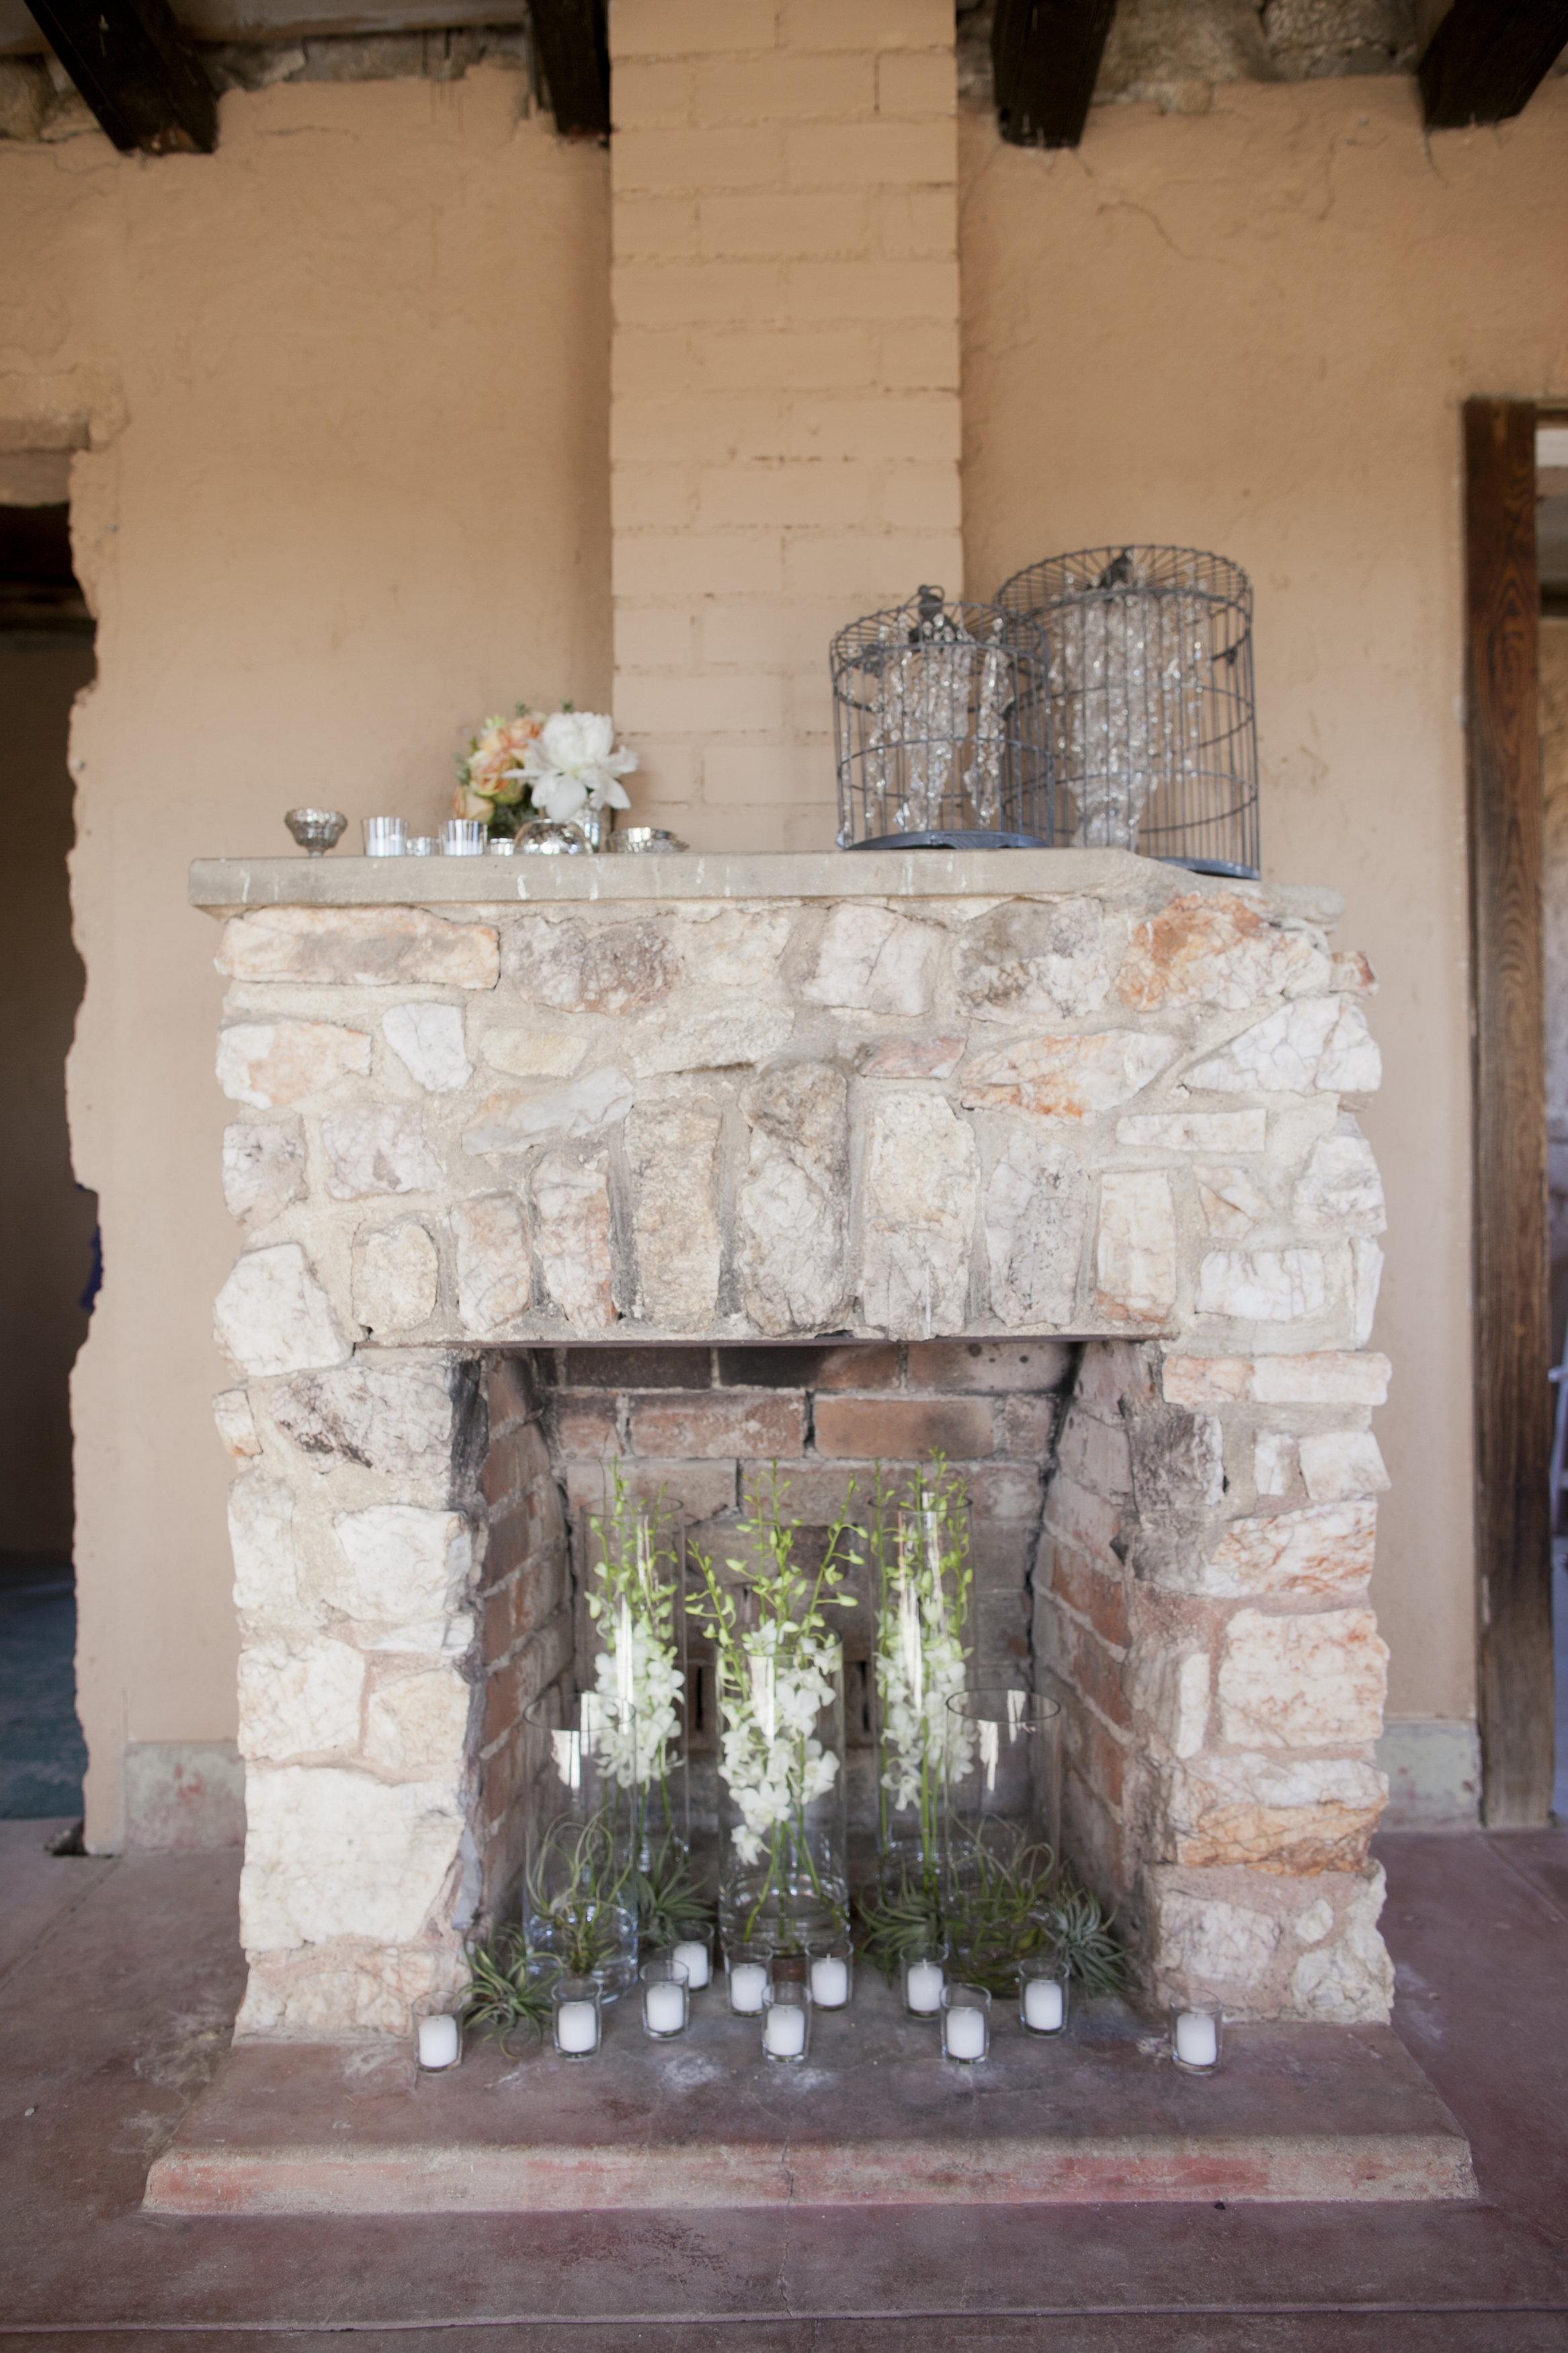 Ceci_New_York_Ceci_Style_Ceci_Johnson_Luxury_Lifestyle_Arizona_Wedding_Watercolor_Inspiration_Design_Custom_Couture_Personalized_Invitations_103.jpg